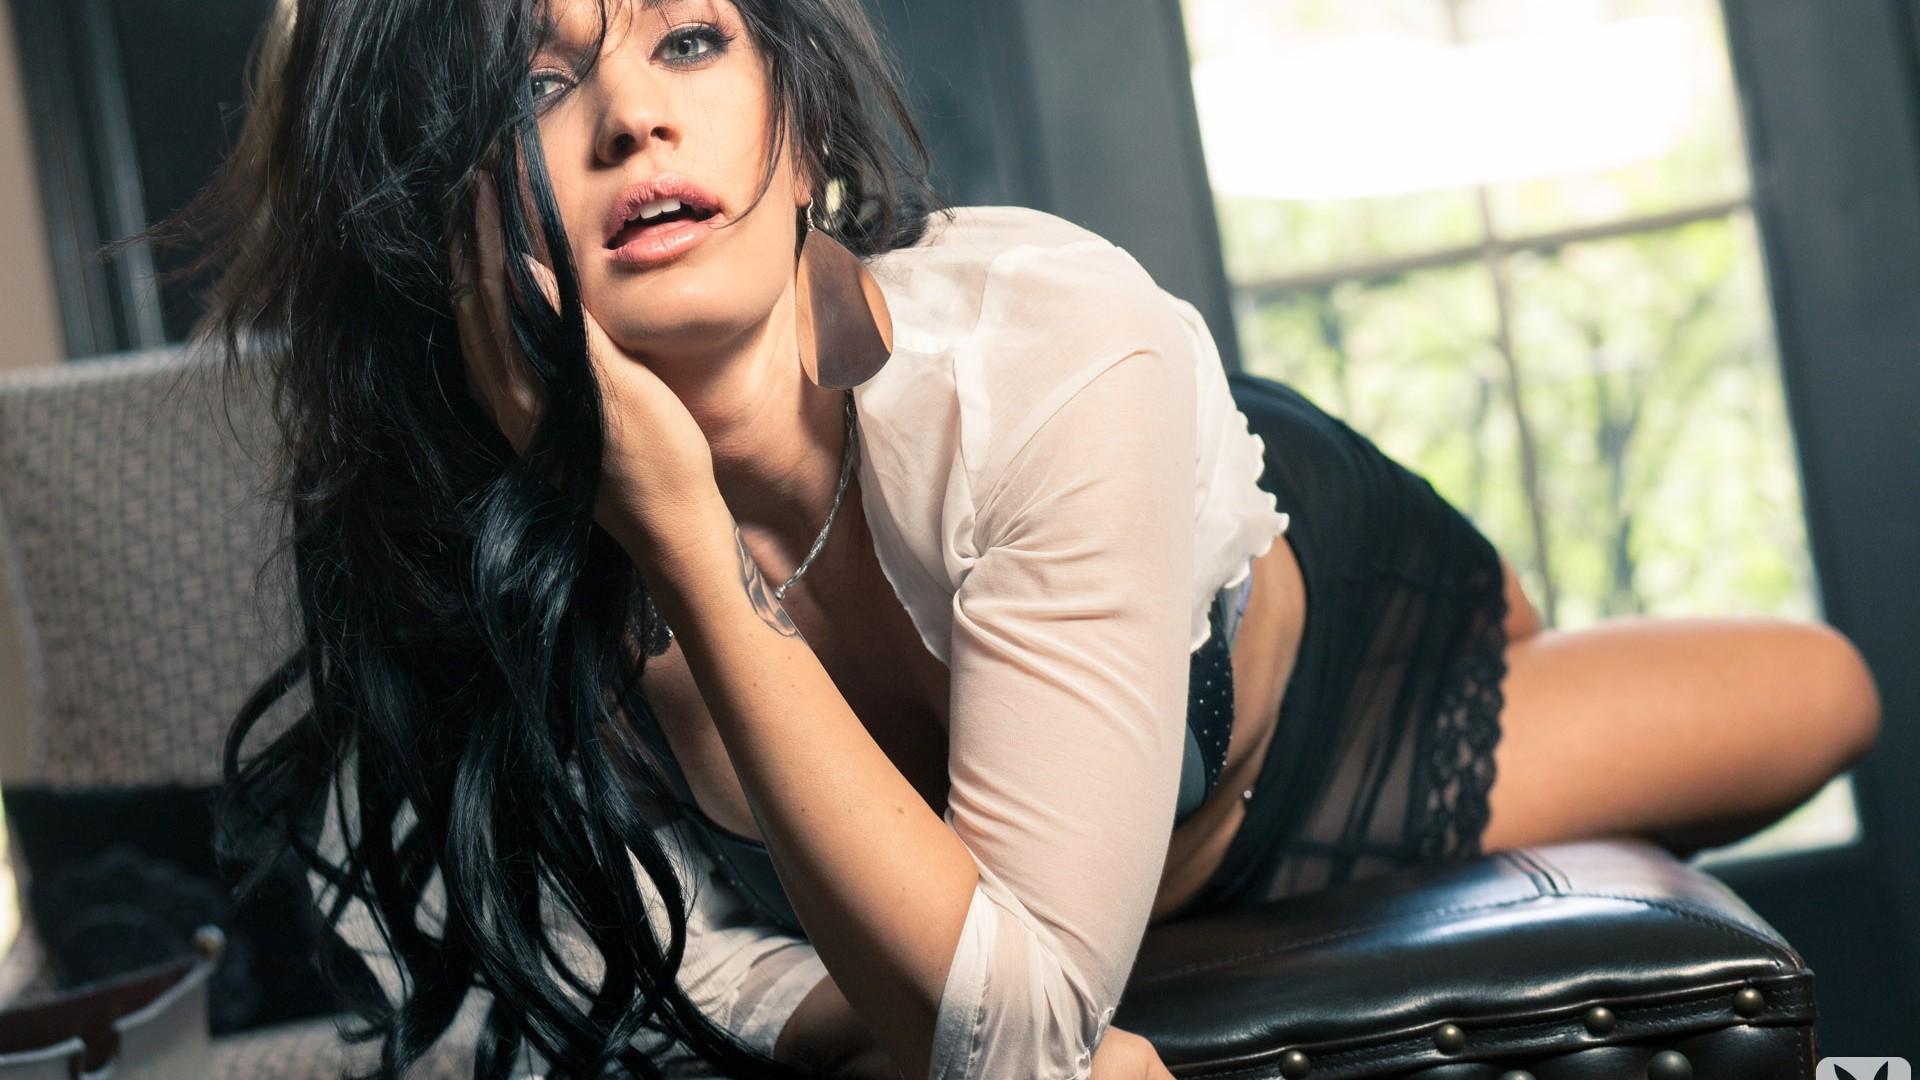 Brittany Jade Nude Photos 1